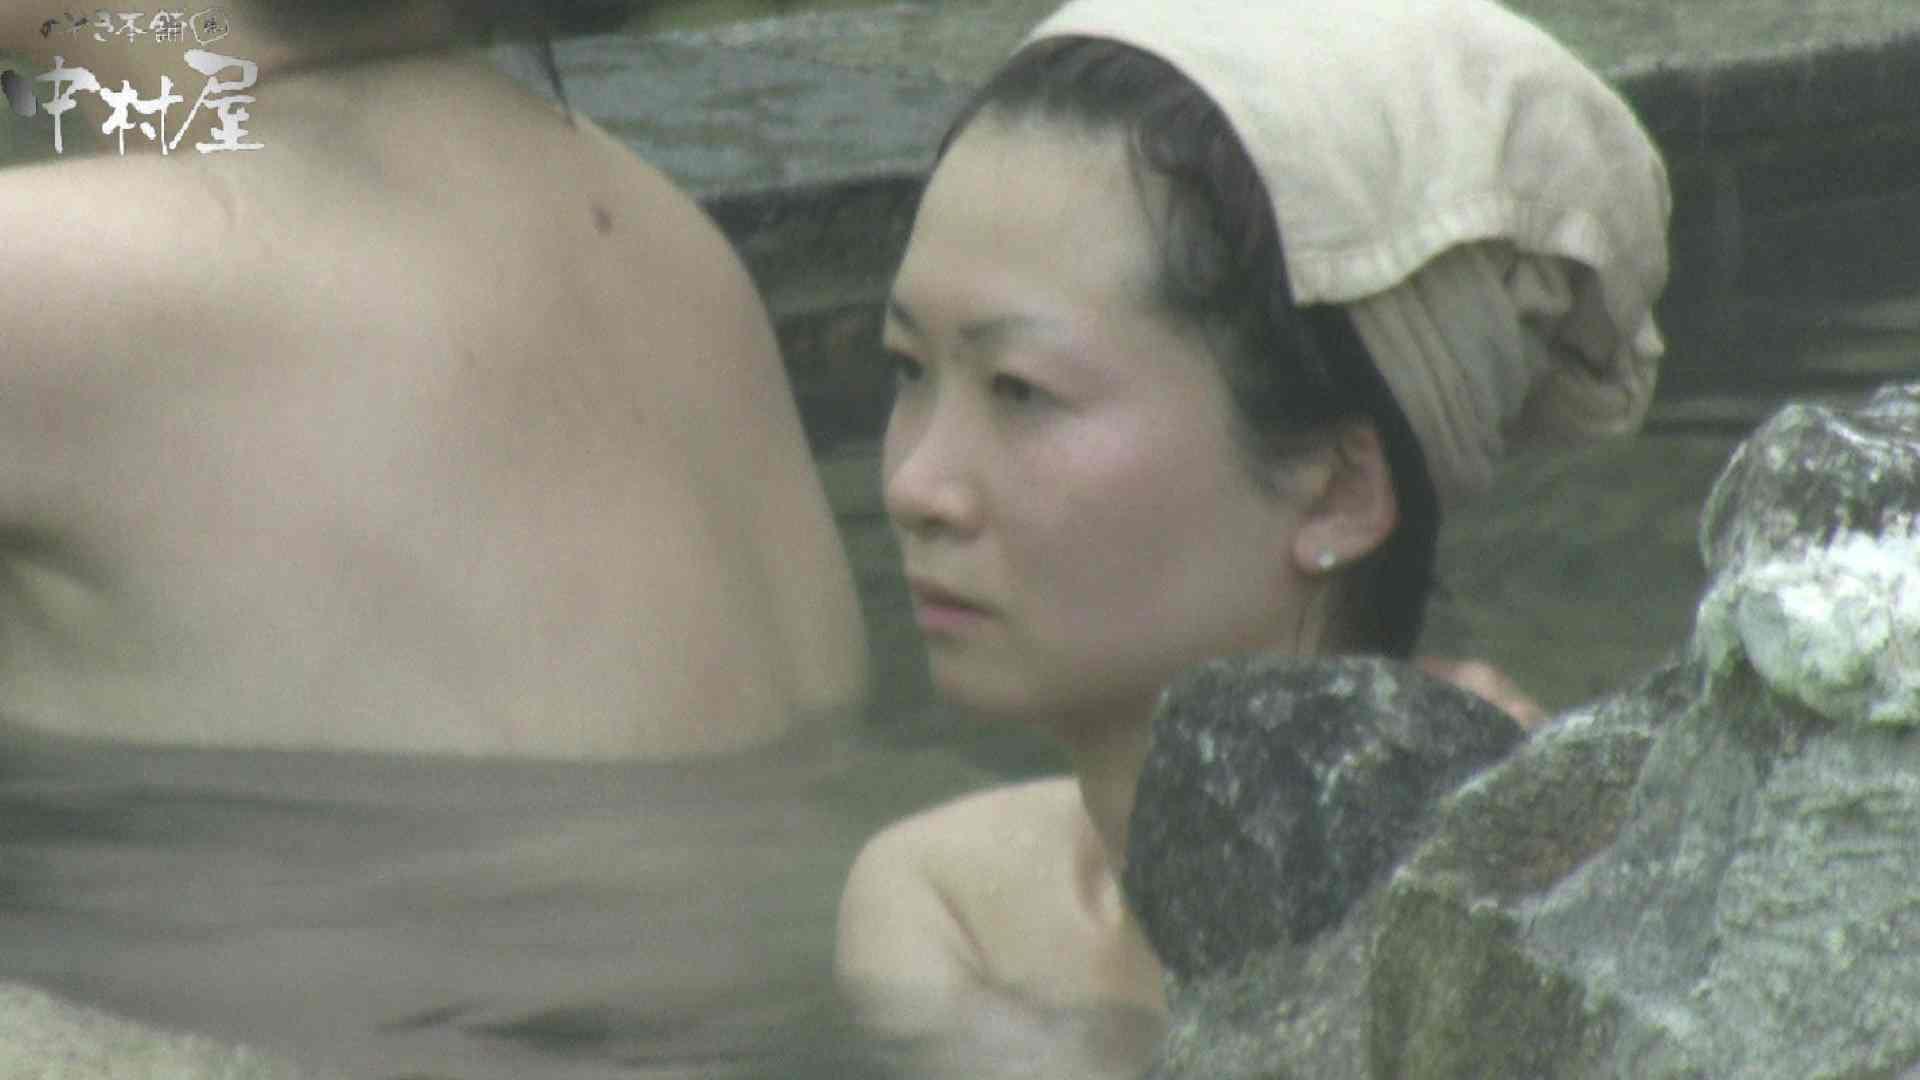 Aquaな露天風呂Vol.906 盗撮大放出 | 0  88連発 85